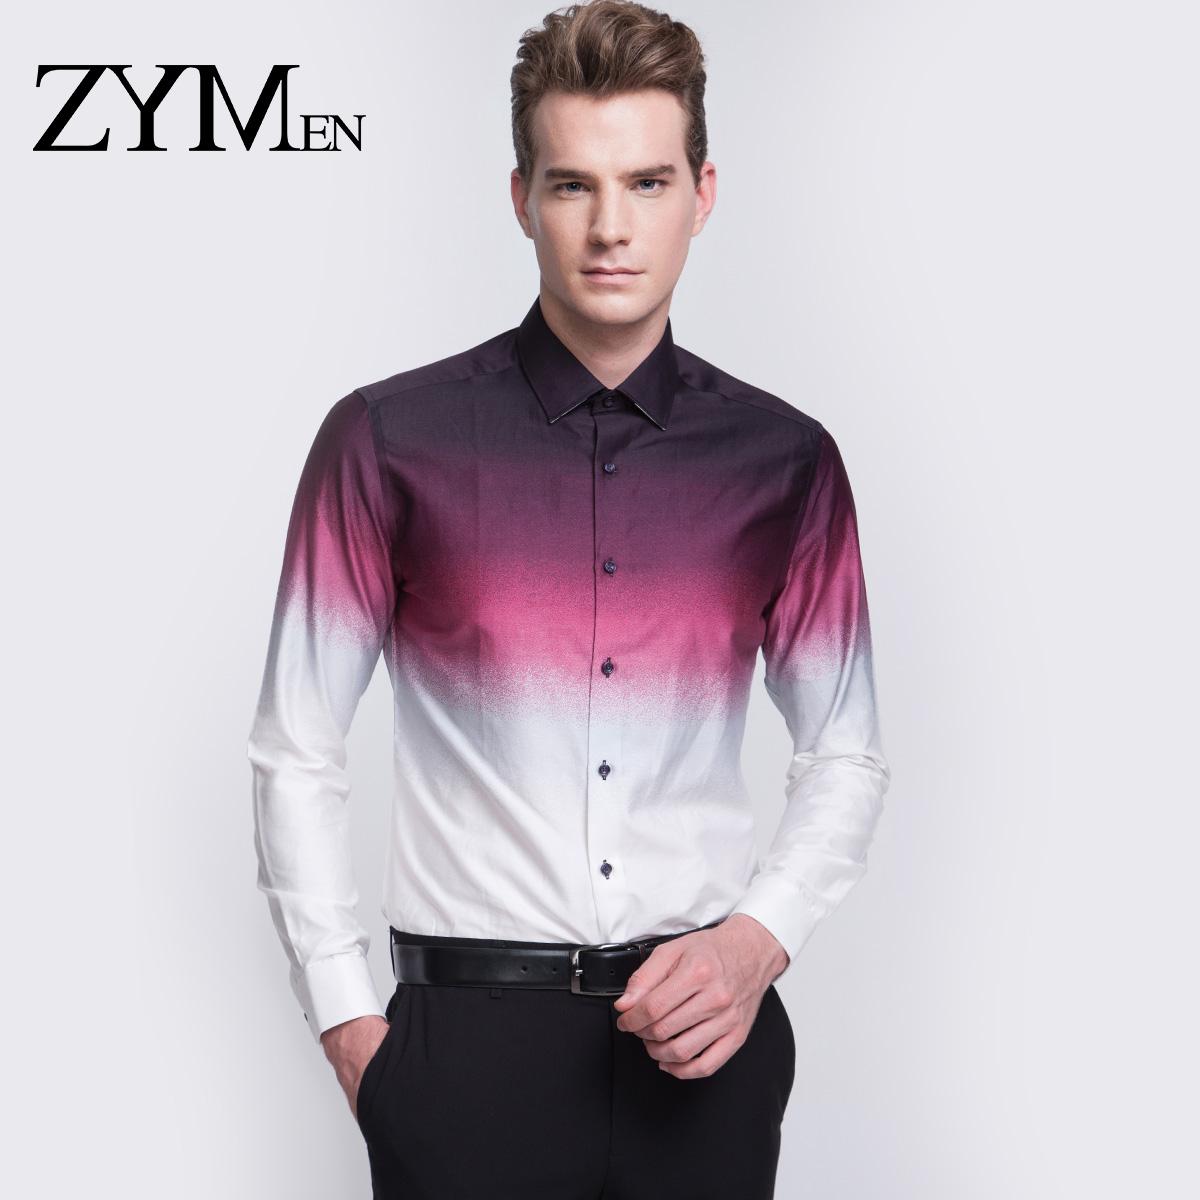 ZYMEN 商务宴会男士长袖衬衫 免烫婚礼伴郎男衬衣职业时尚渐变色